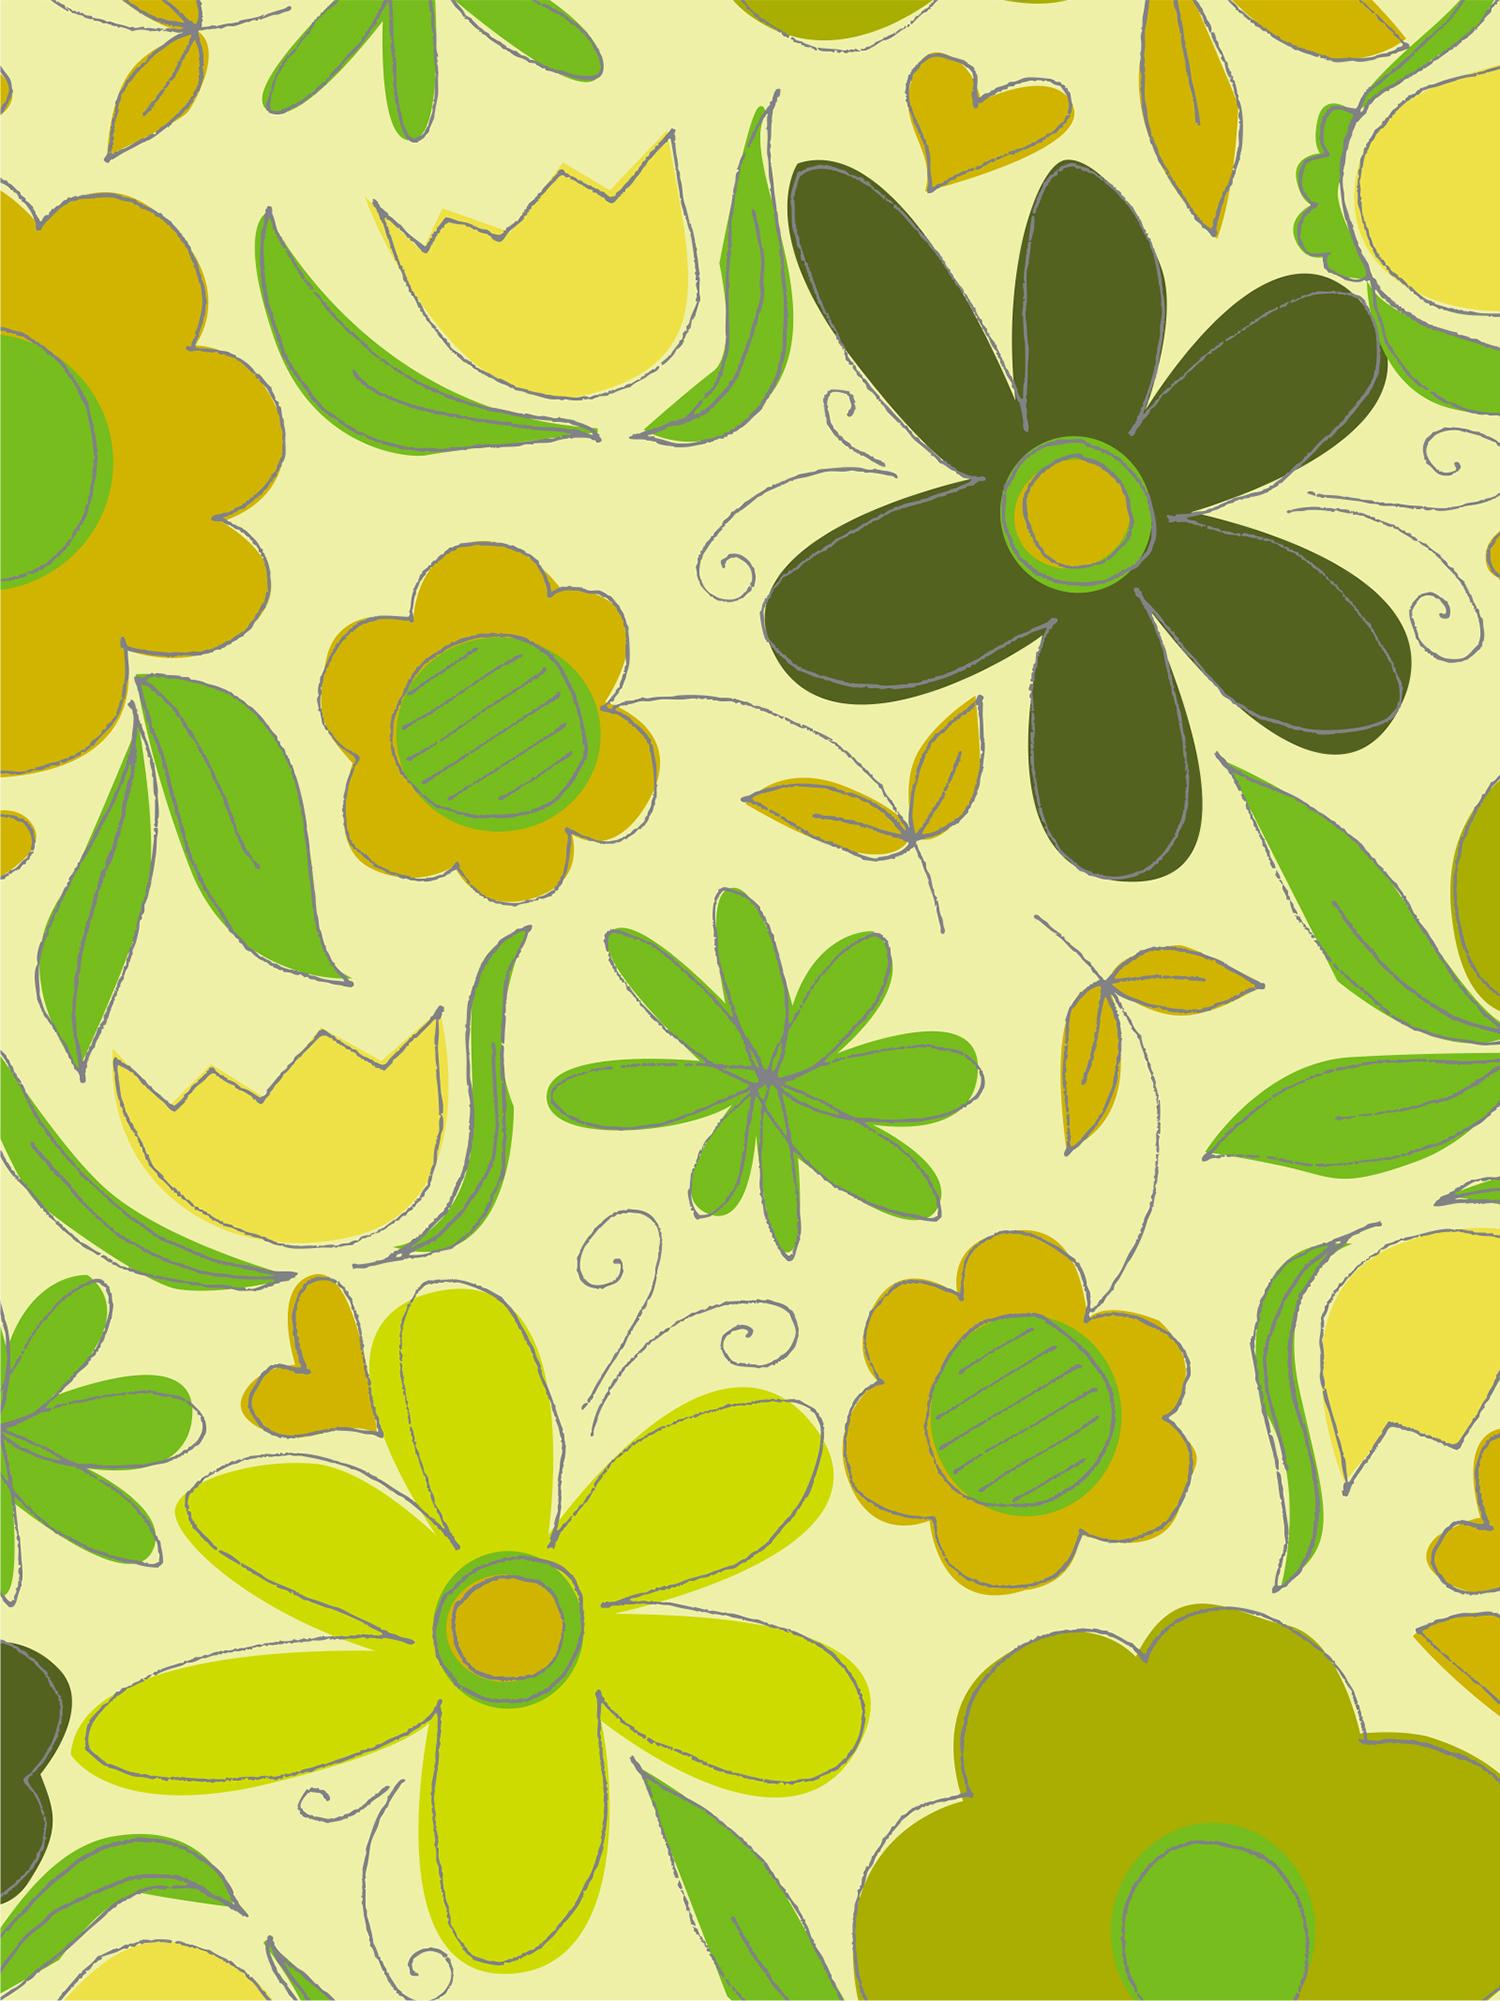 jami_darwin_bathtub_floral.jpg